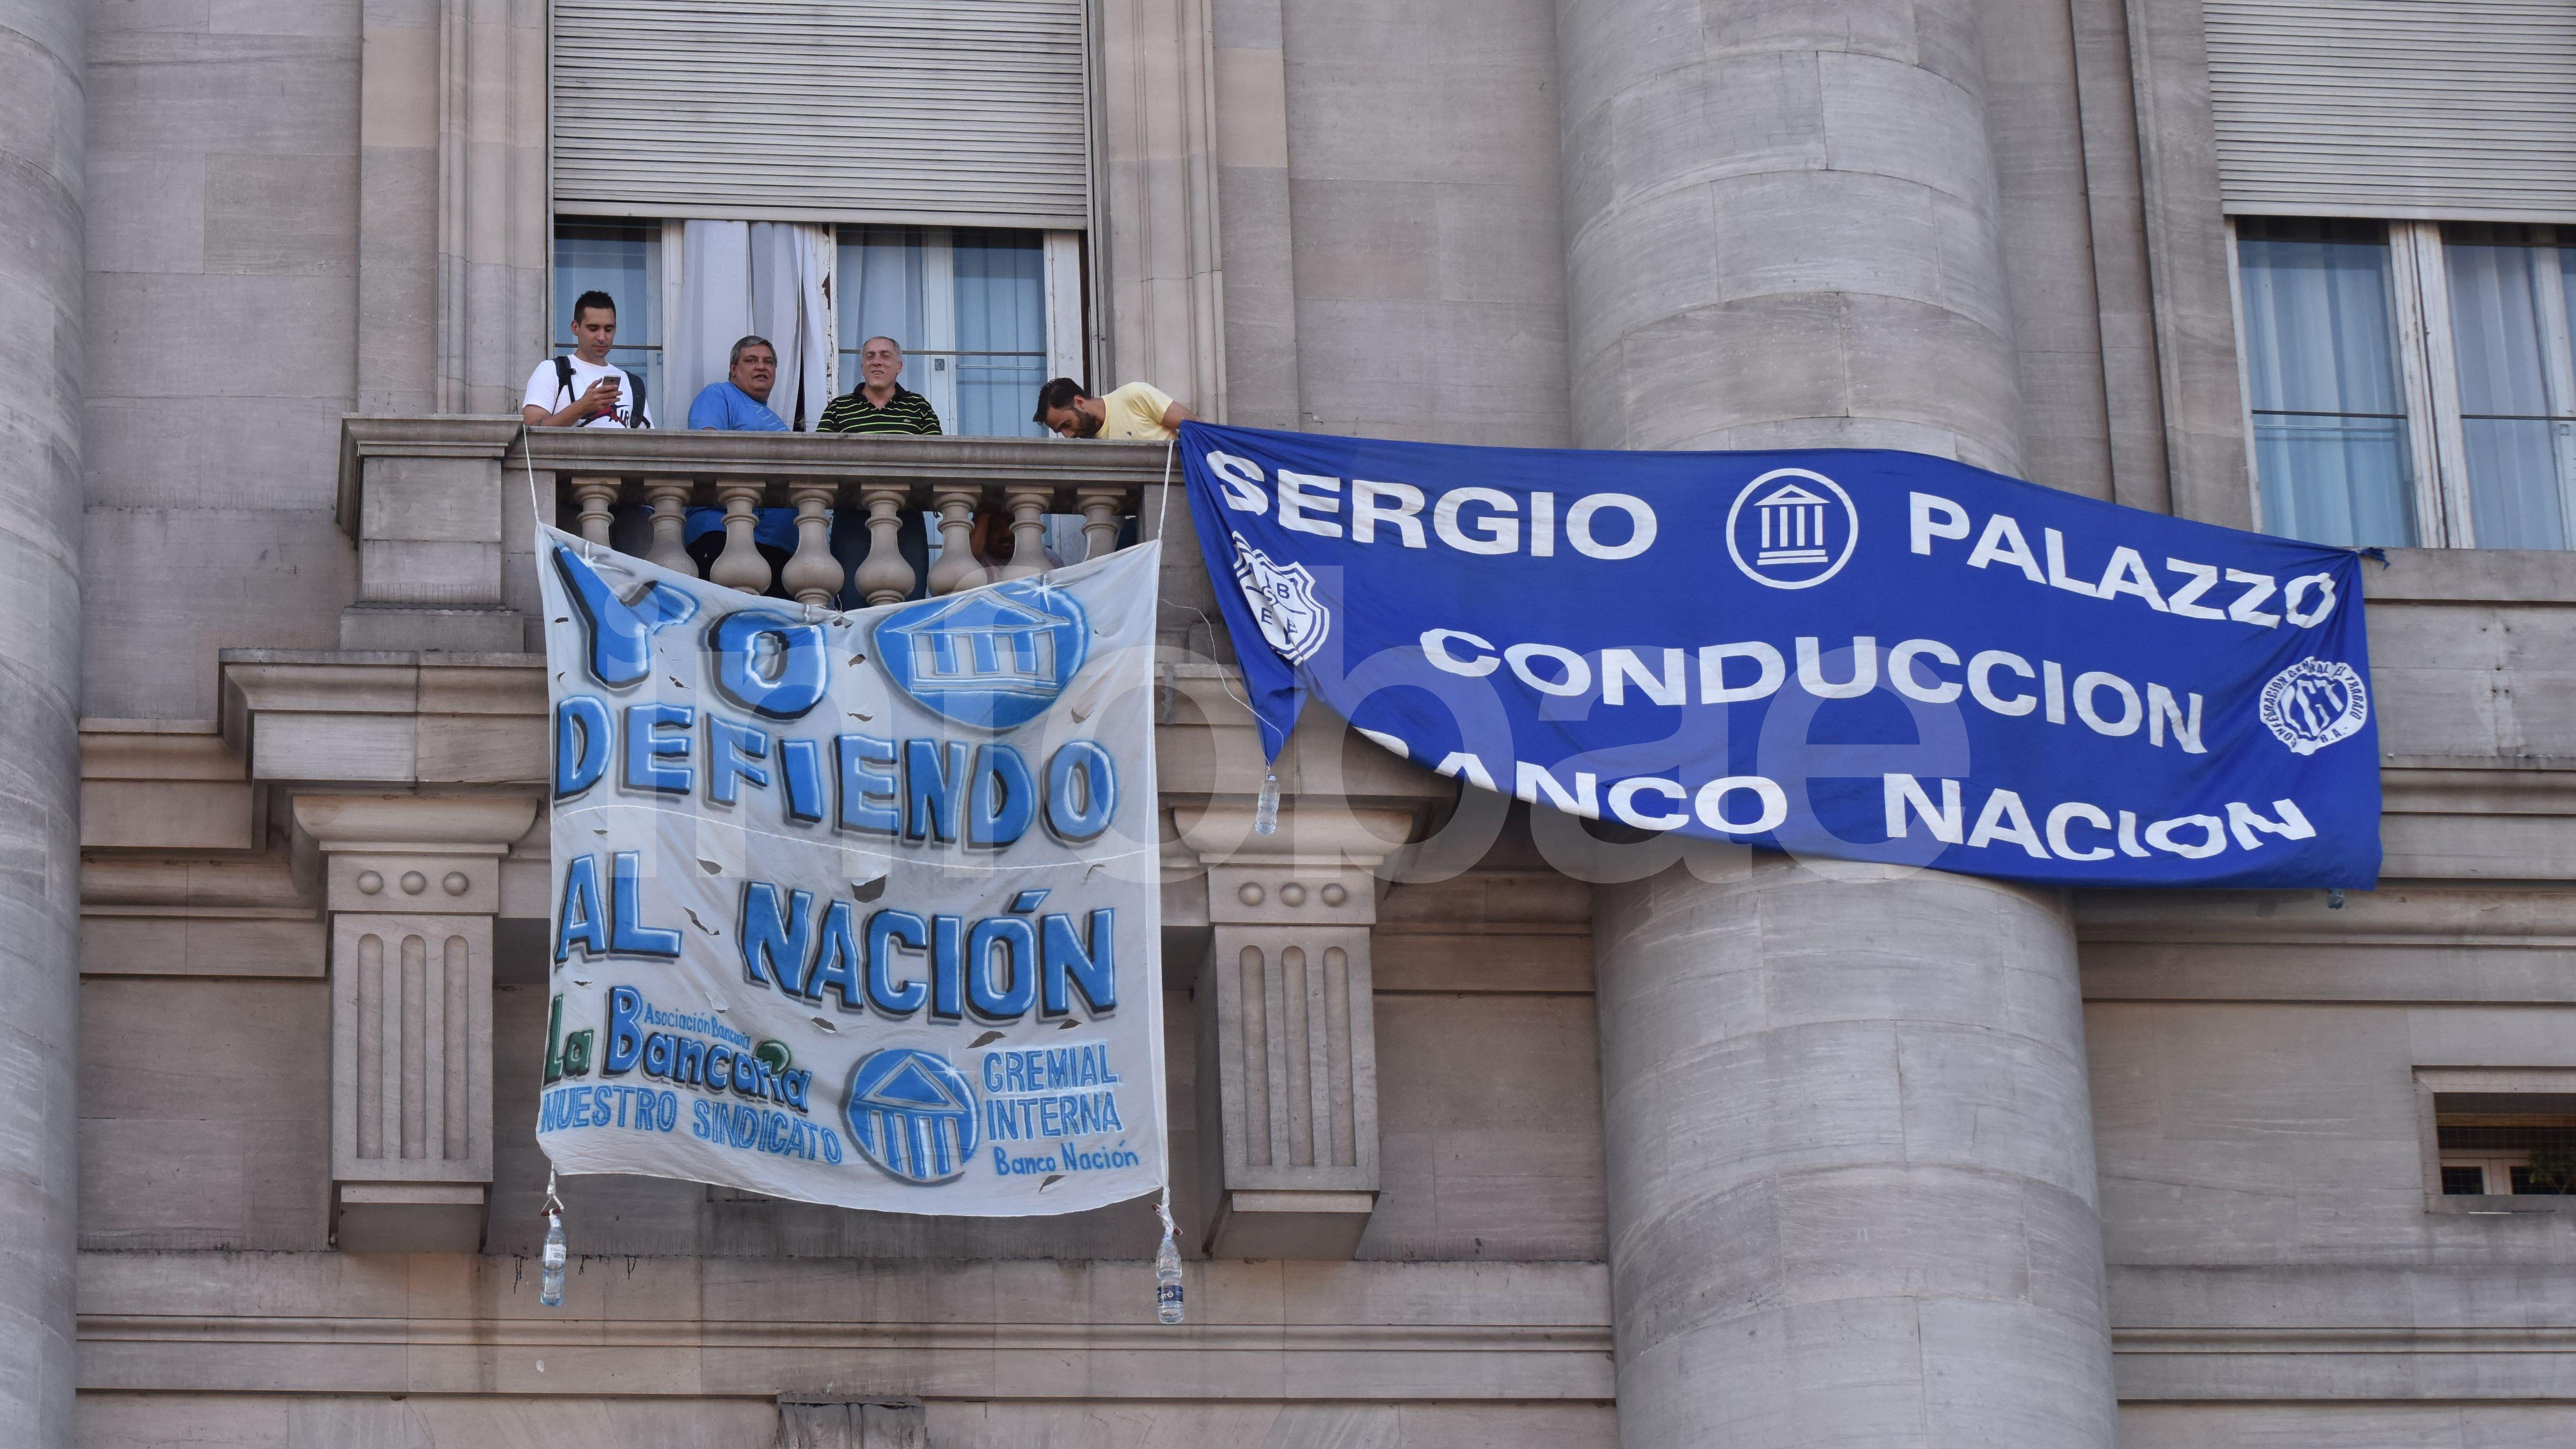 Desde el Banco Nación, miembros del sindicato La Bancaria, dirigido por Sergio Palazzo, colgaron banderas para despedir al gobierno de Cambiemos